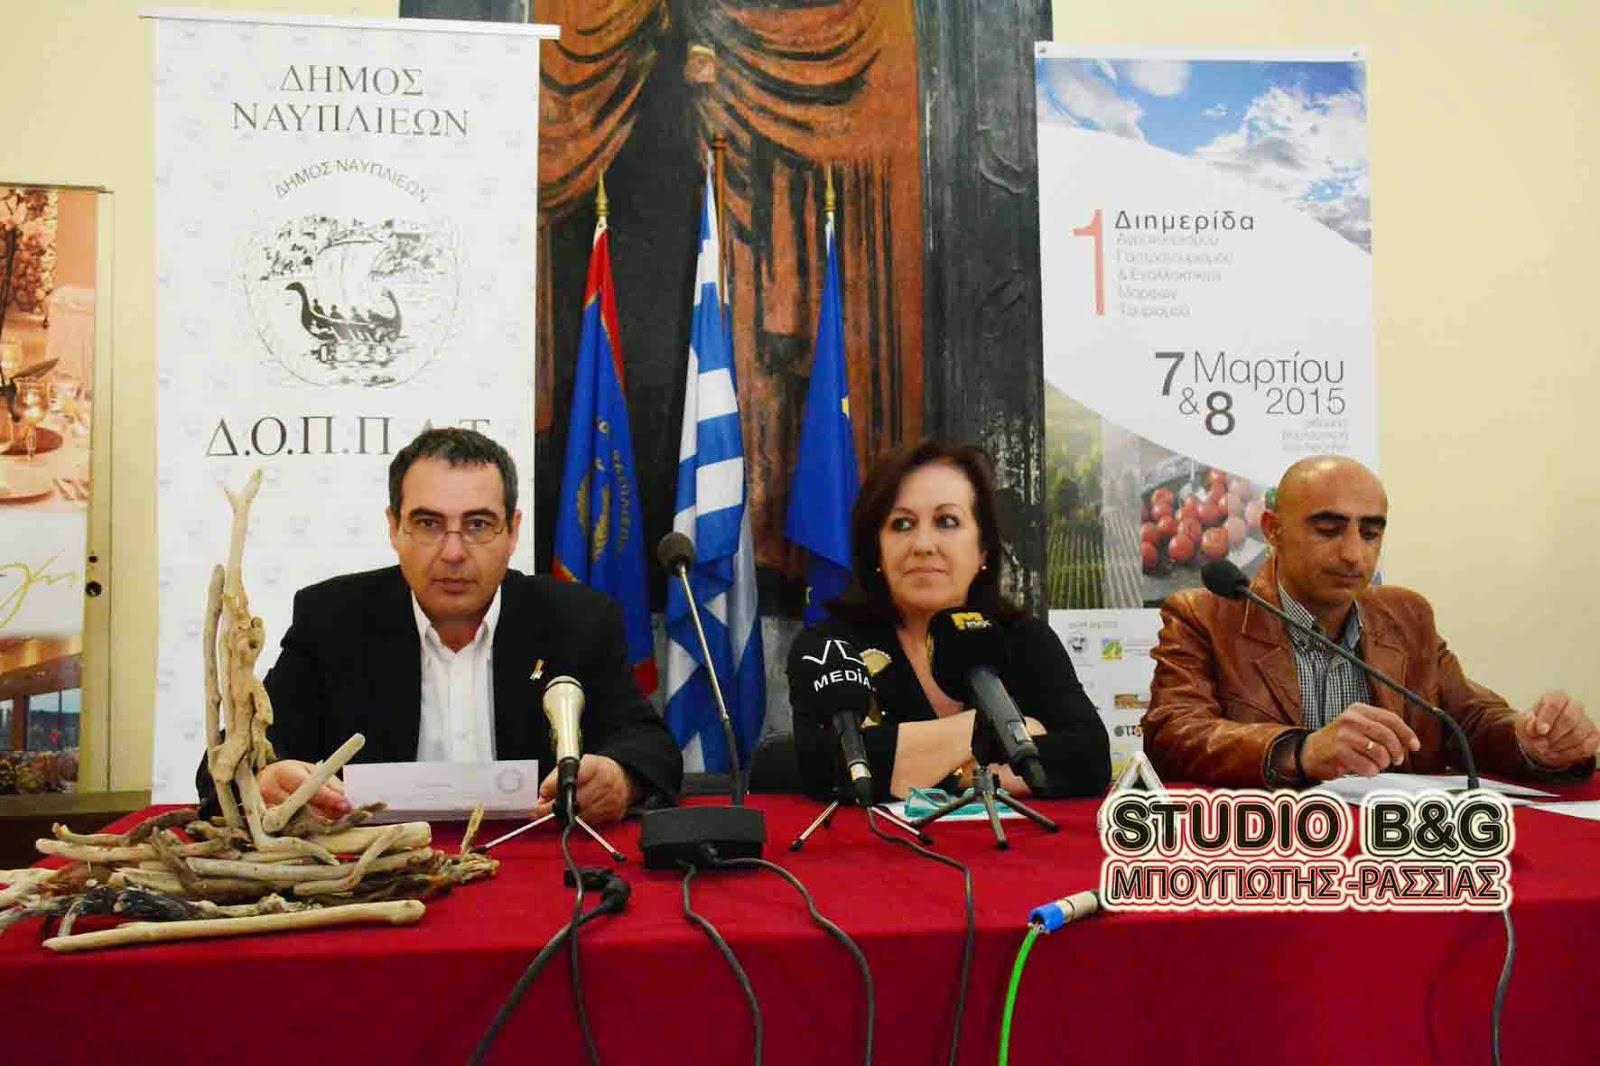 «1η Διημερίδα Αγροτουρισμού, Γαστροτουρισμού και Εναλλακτικών μορφών τουρισμού» στο Ναύπλιο